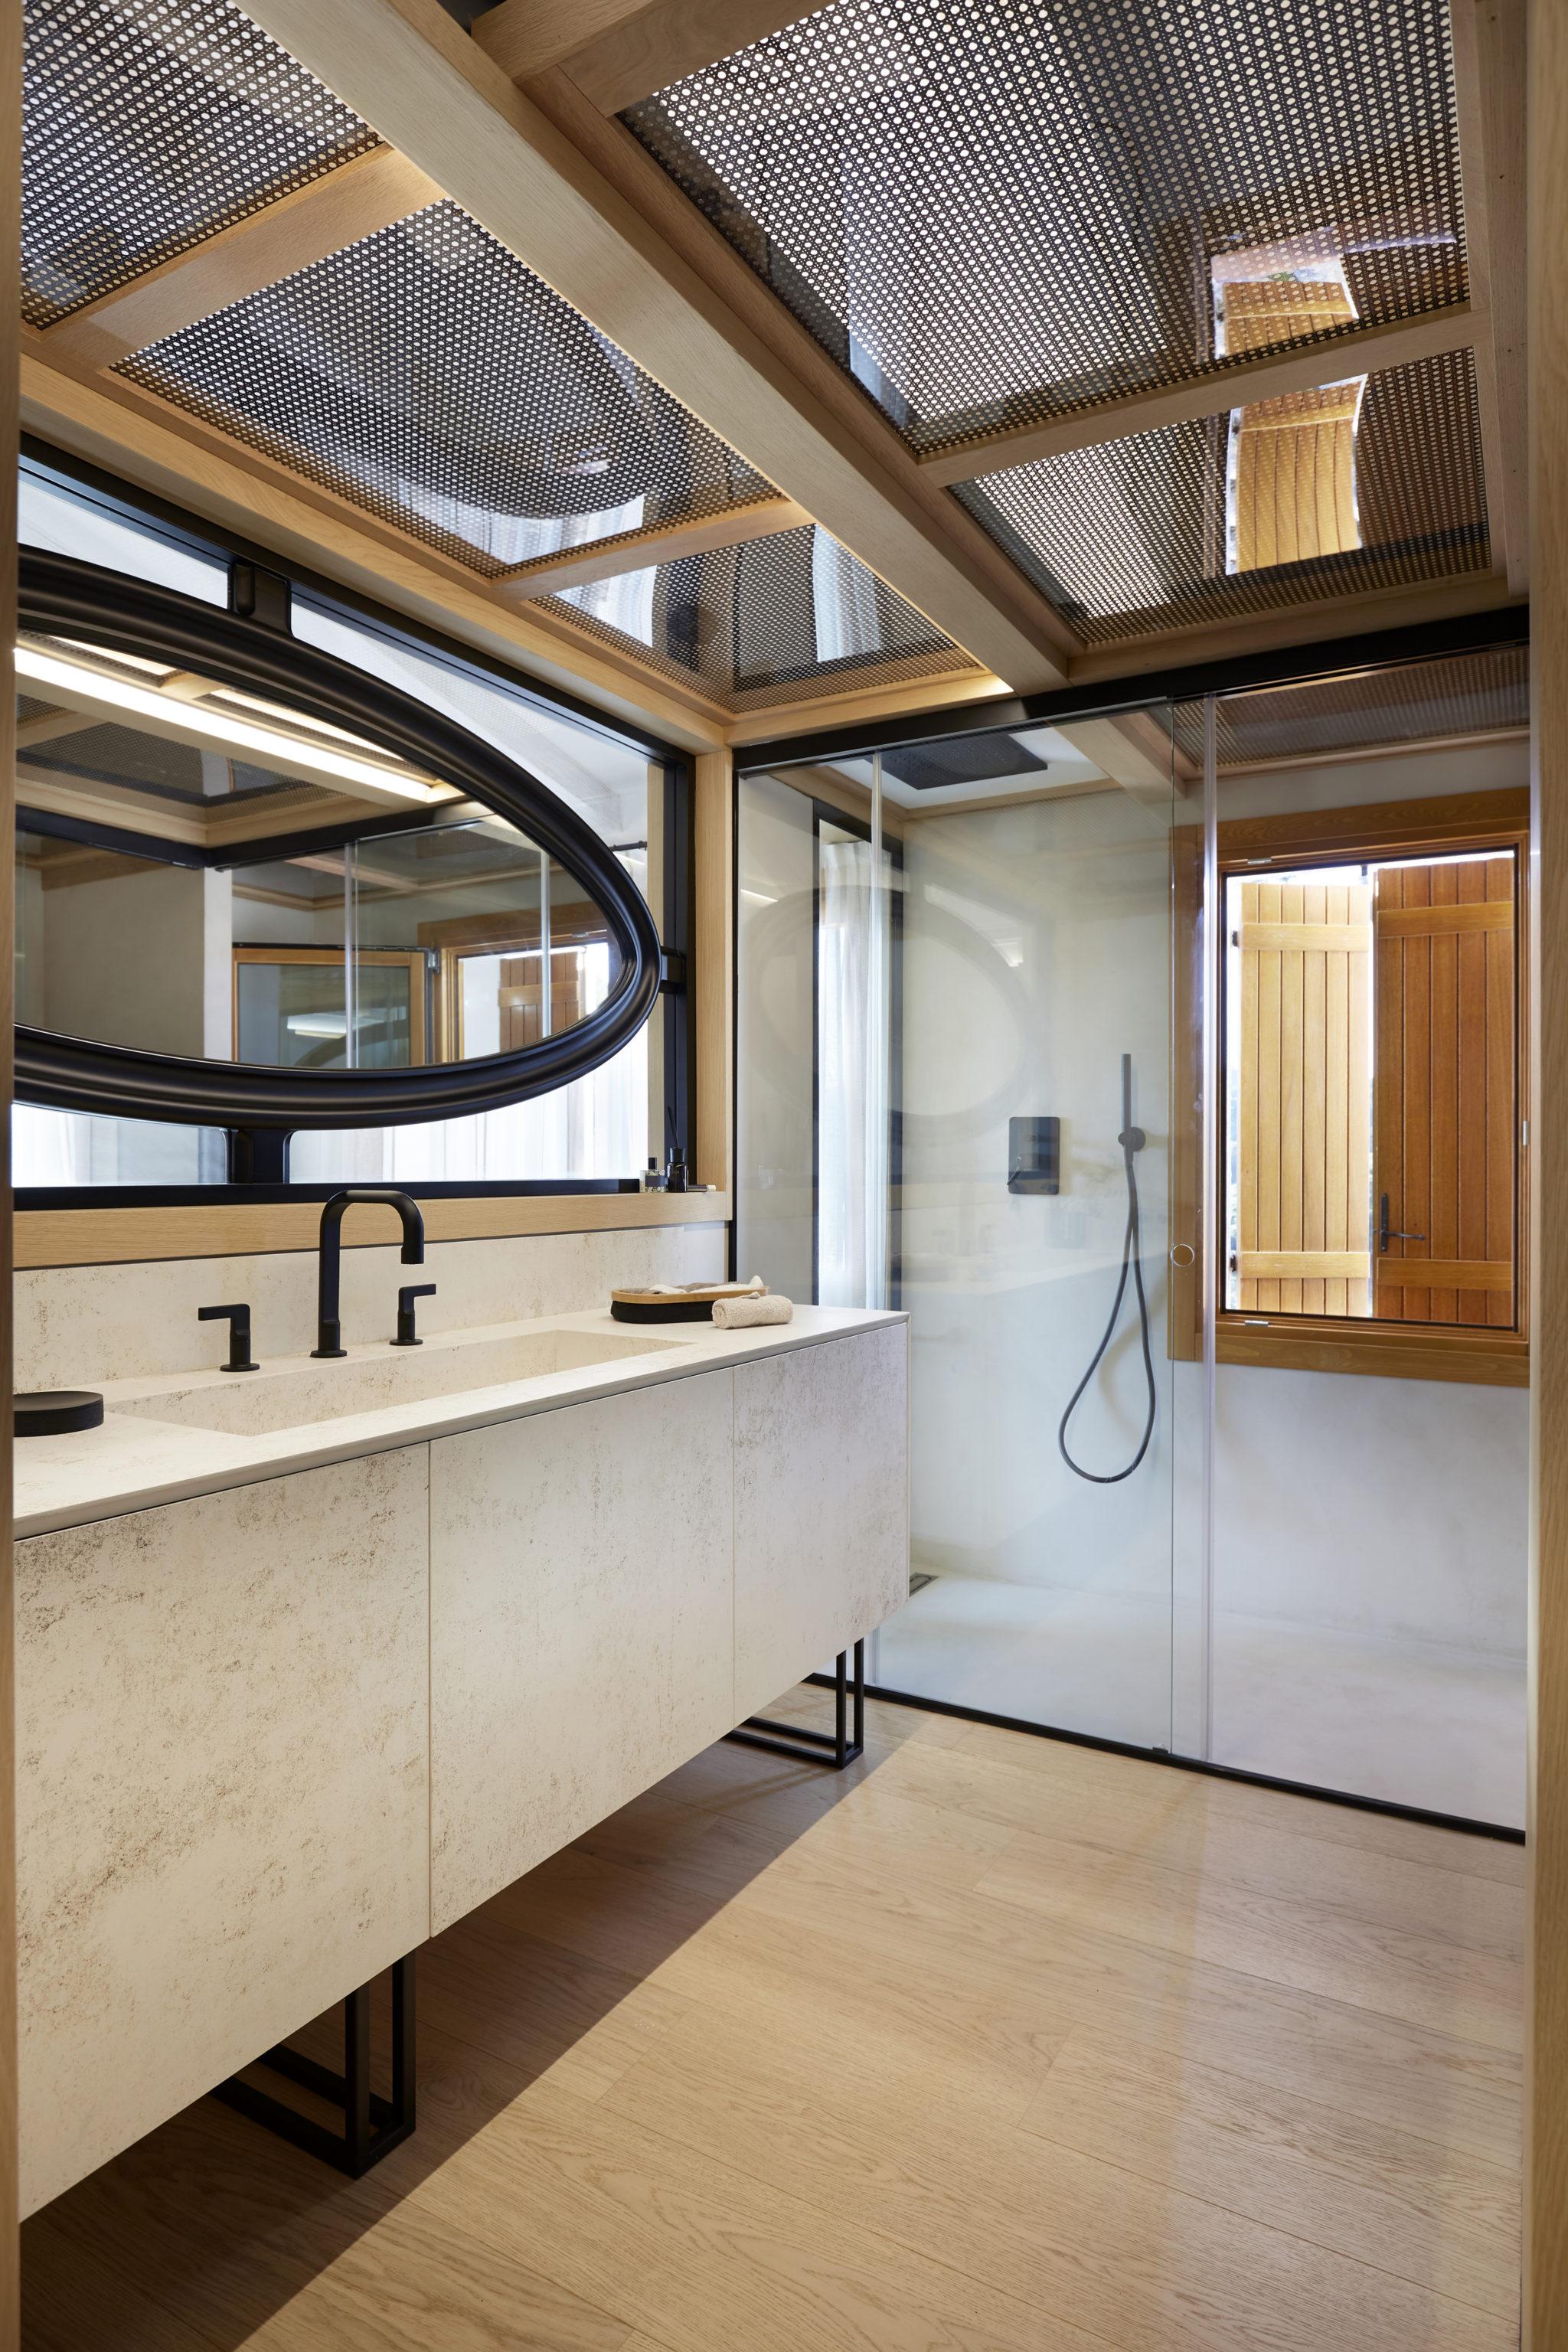 Baño in suite por Rosa Colet Interior Design